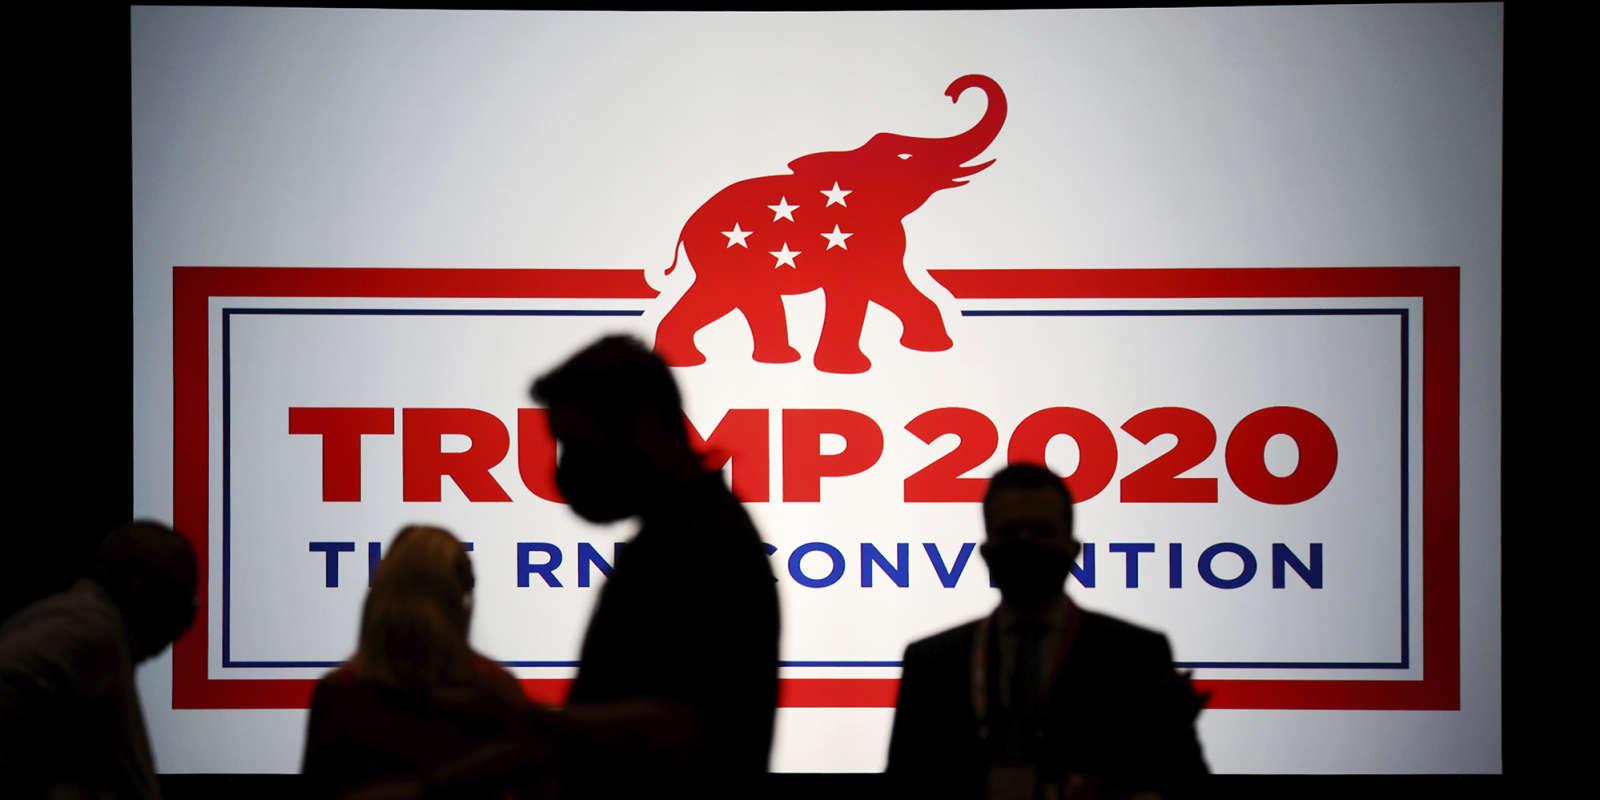 Lors de la Convention nationale du Parti républicain, à Charlotte en Caroline du Nord, le 24 août 2020.